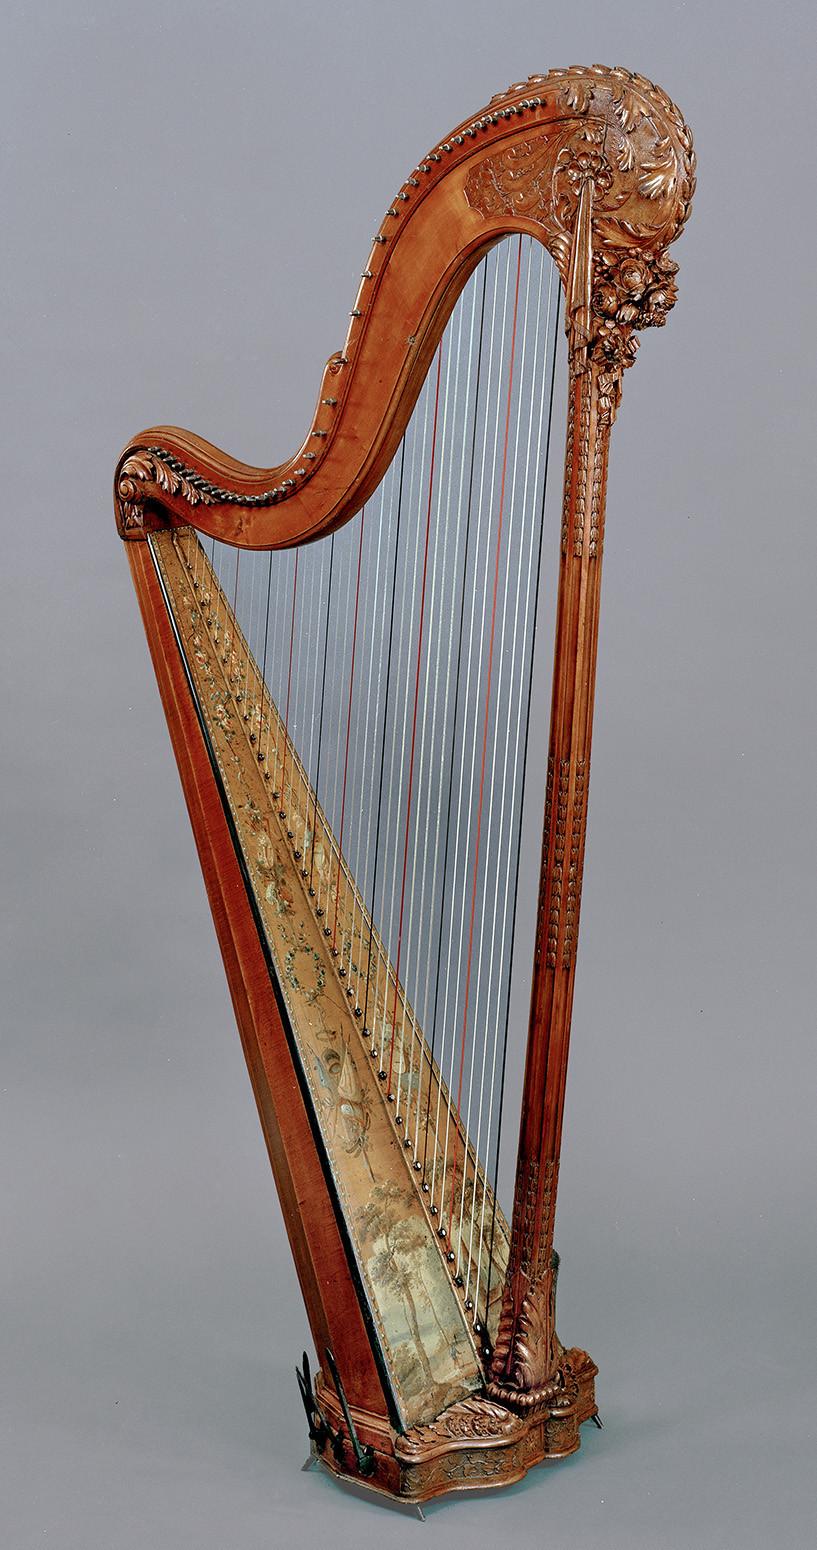 Harpe d'époque louis XVI par Henri Nardermann Etiquette de Nadermann Luthier de la reine, 1793